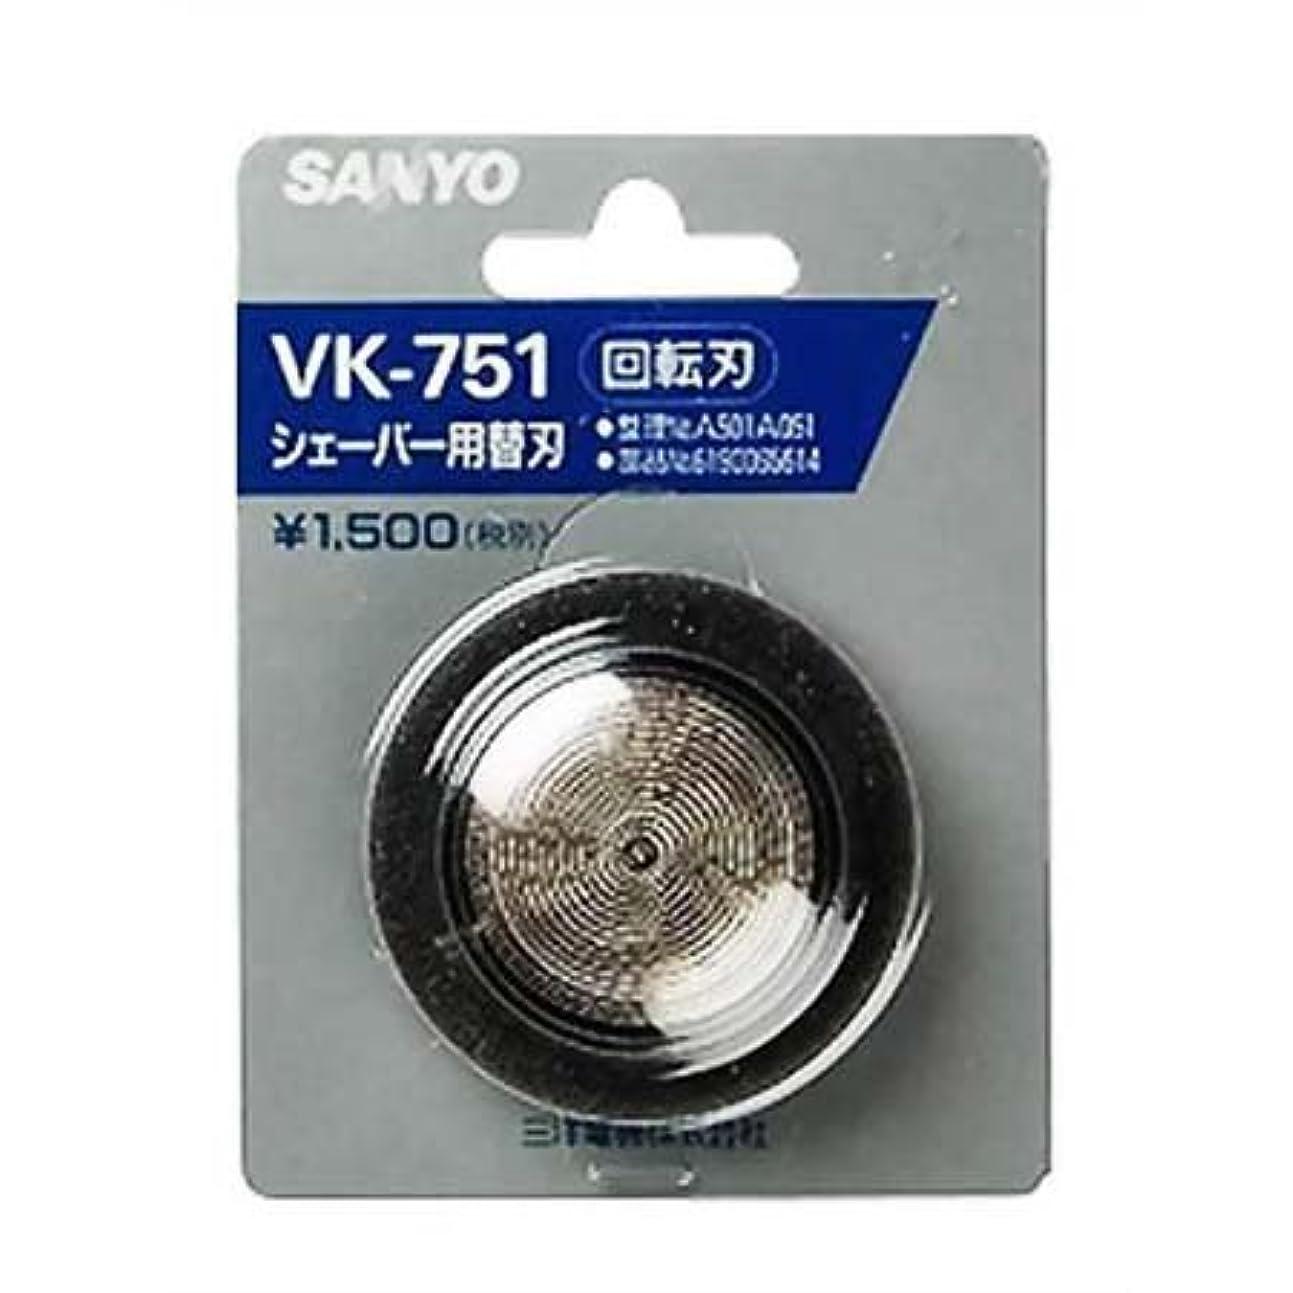 等々ハウジング間欠SANYO シェーバー用替刃 回転式 内?外刃セット KA-VK-751